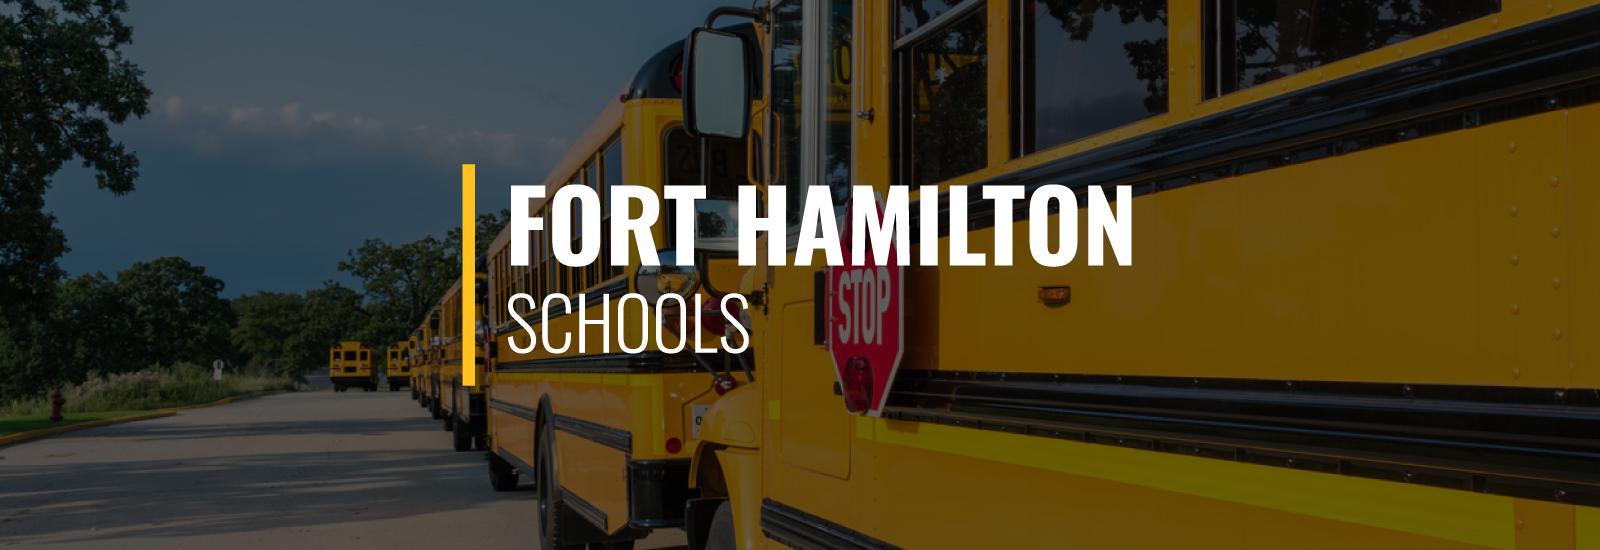 Fort Hamilton Schools